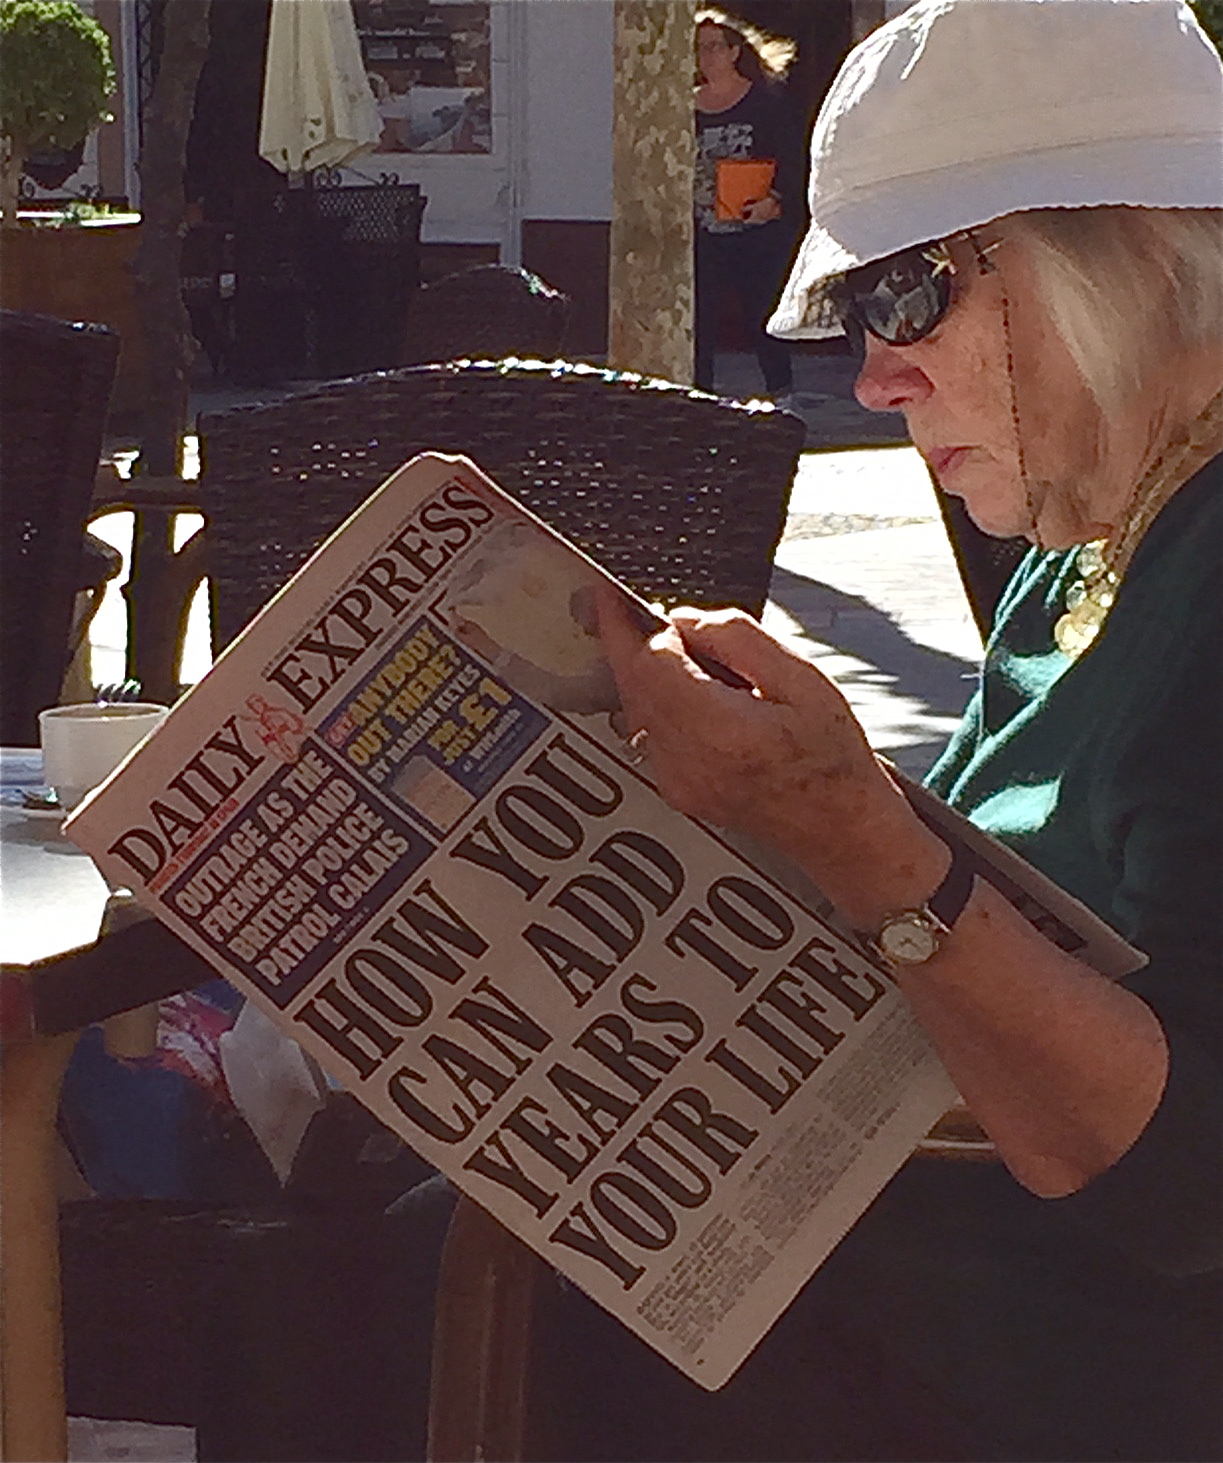 Daily Express med gode tips om korleis vi kan leva lenger!